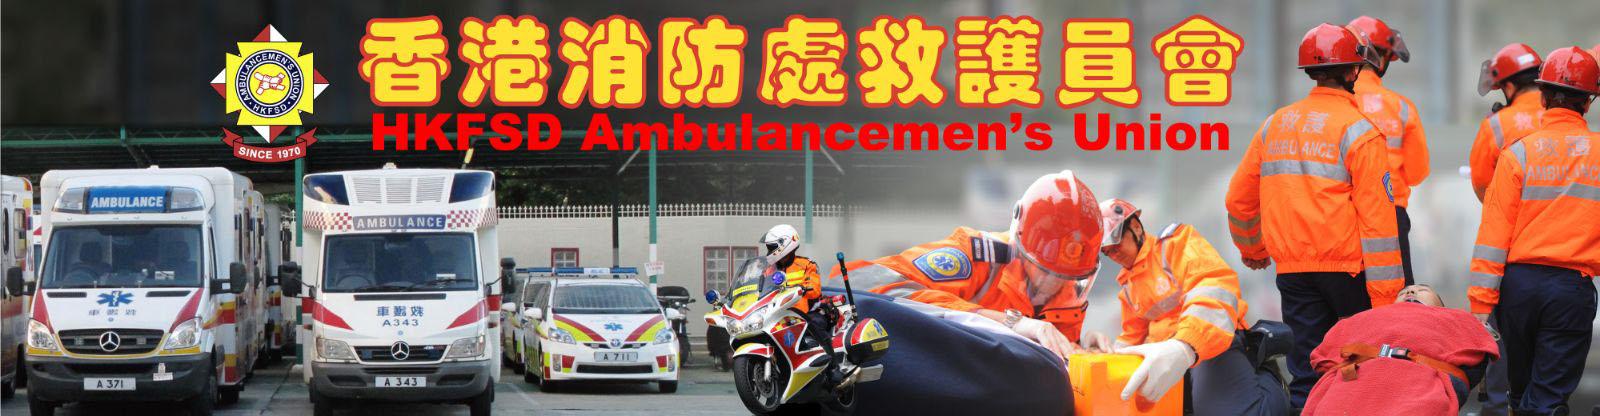 香港消防處救護員會